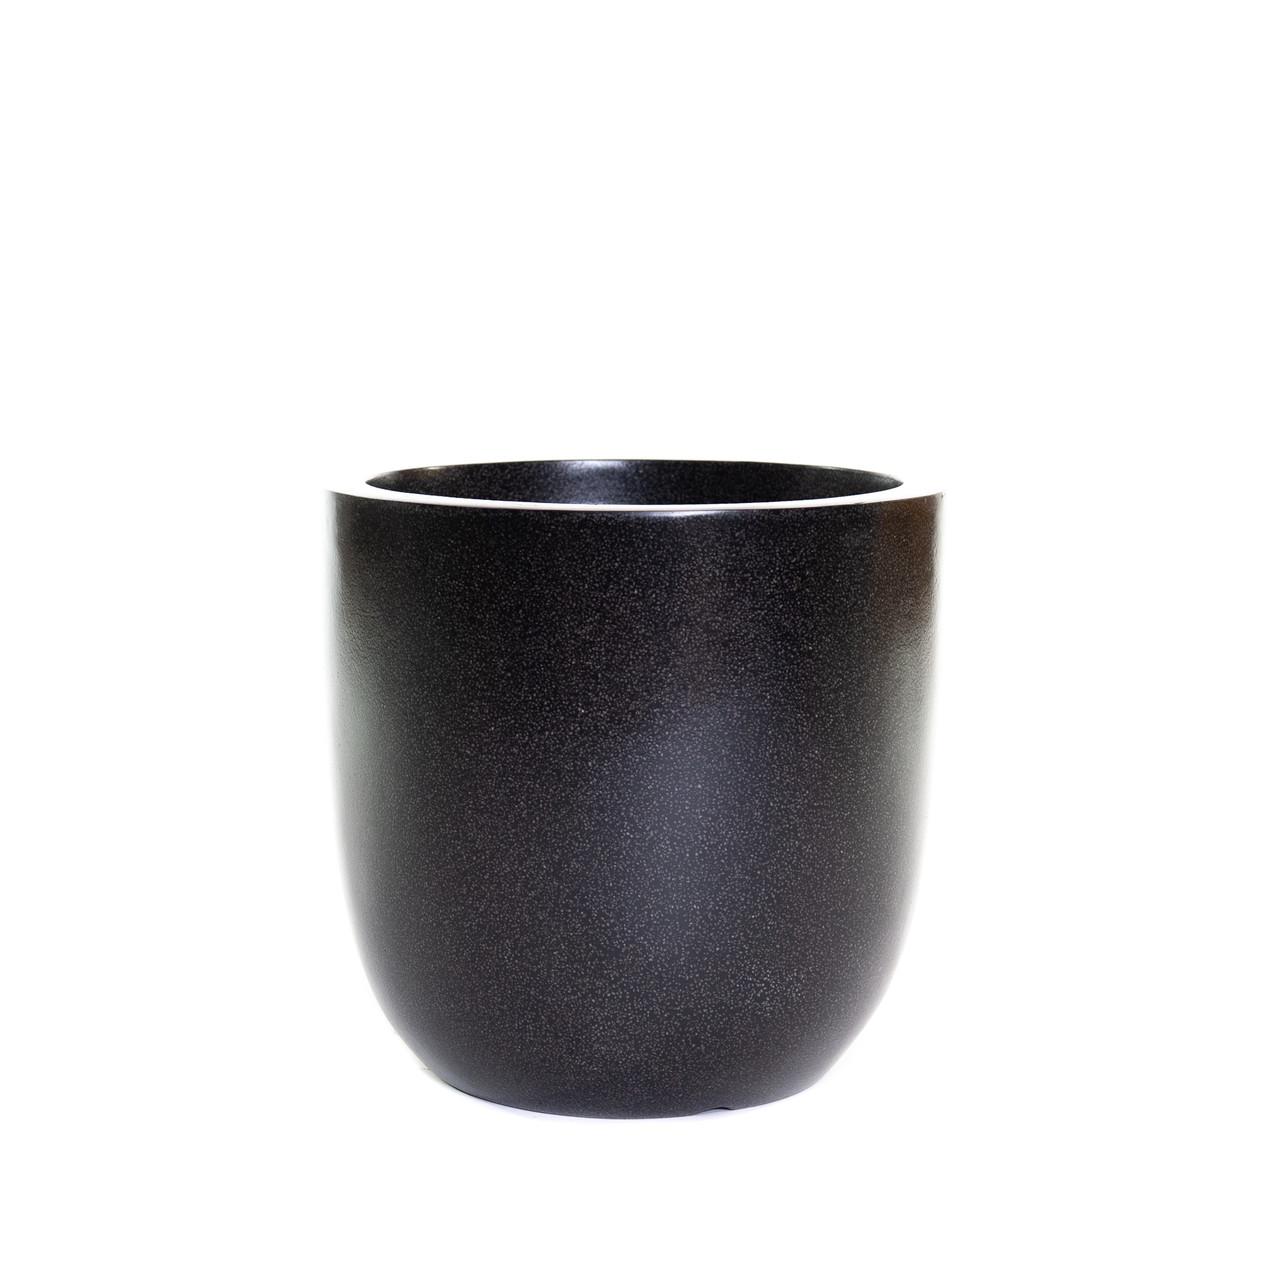 Pot bol 45x44 zwart